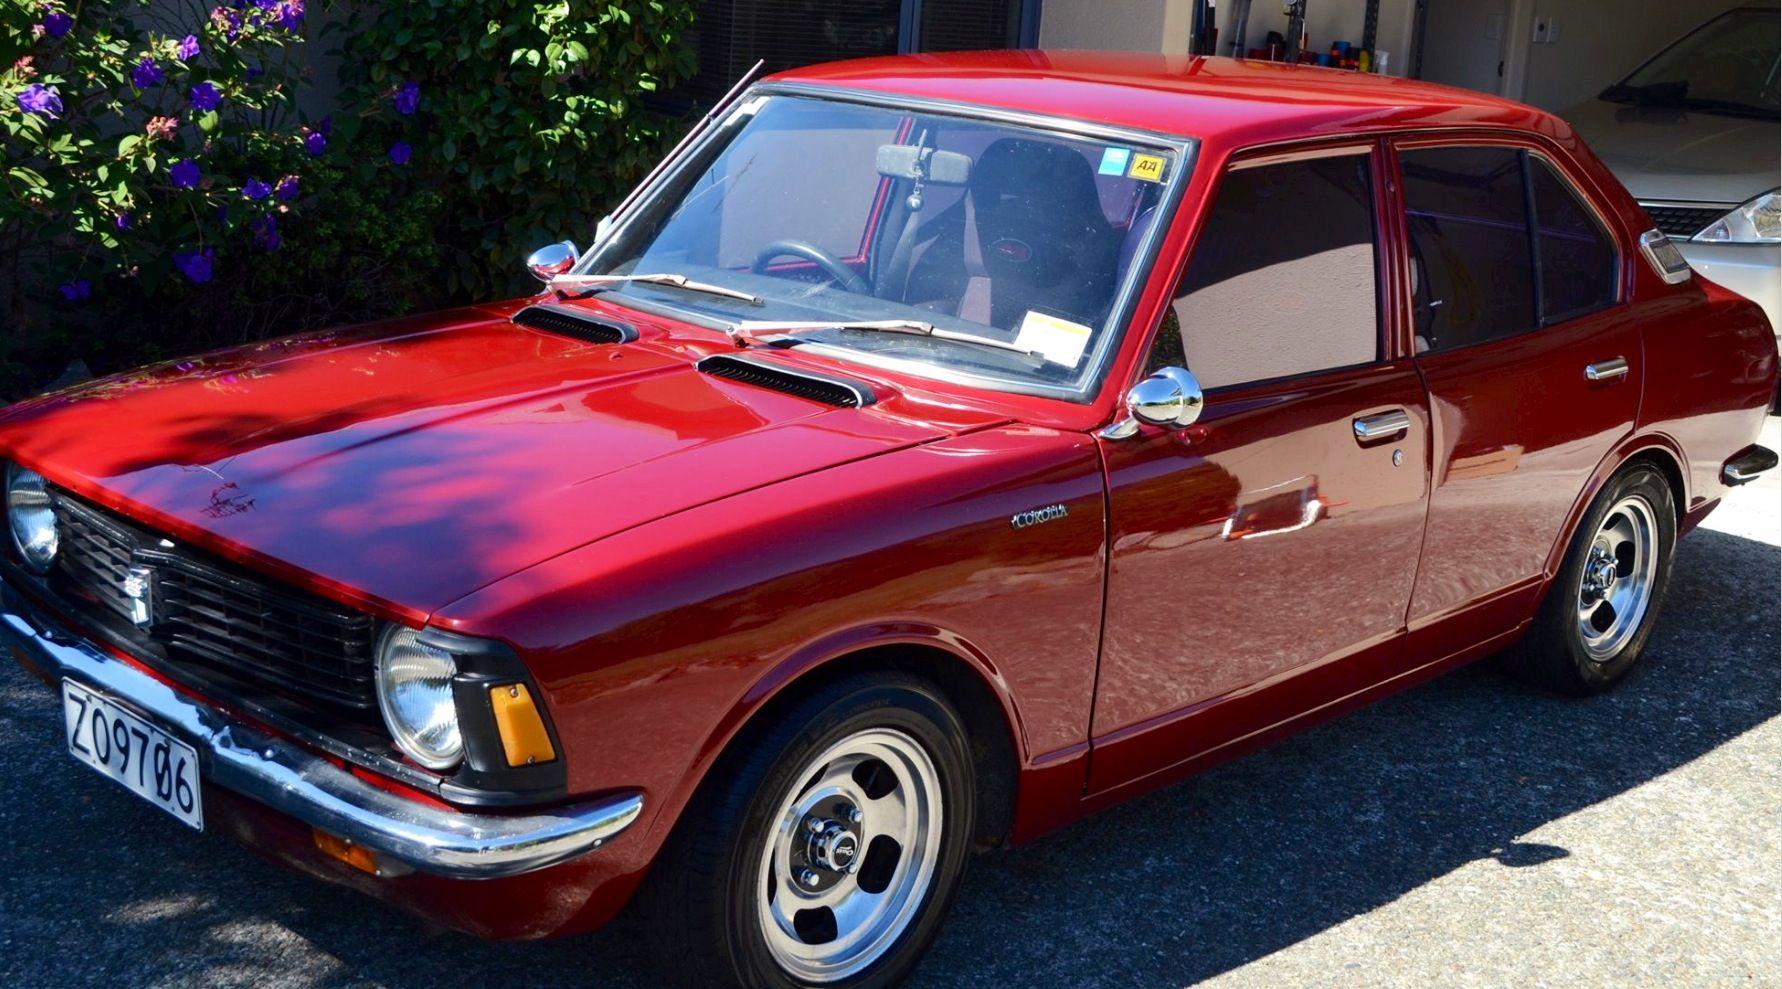 Toyota corolla ke20 1973 1970awesome toysthrowback thursdaytoyota carscar